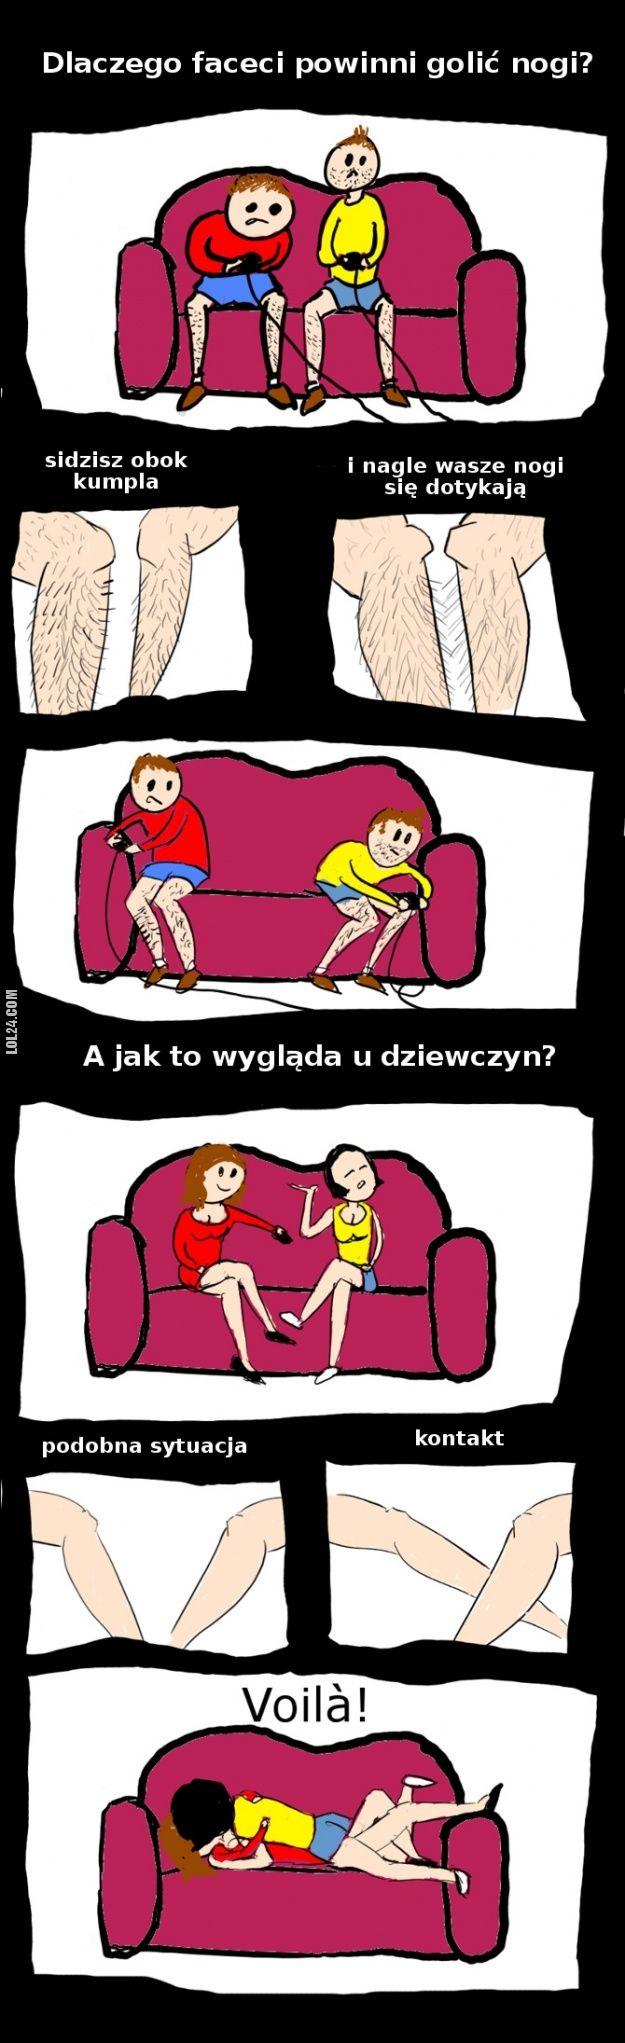 Dlaczego faceci powinni golić nogi? #golenie #nóg #faceci #dlaczego